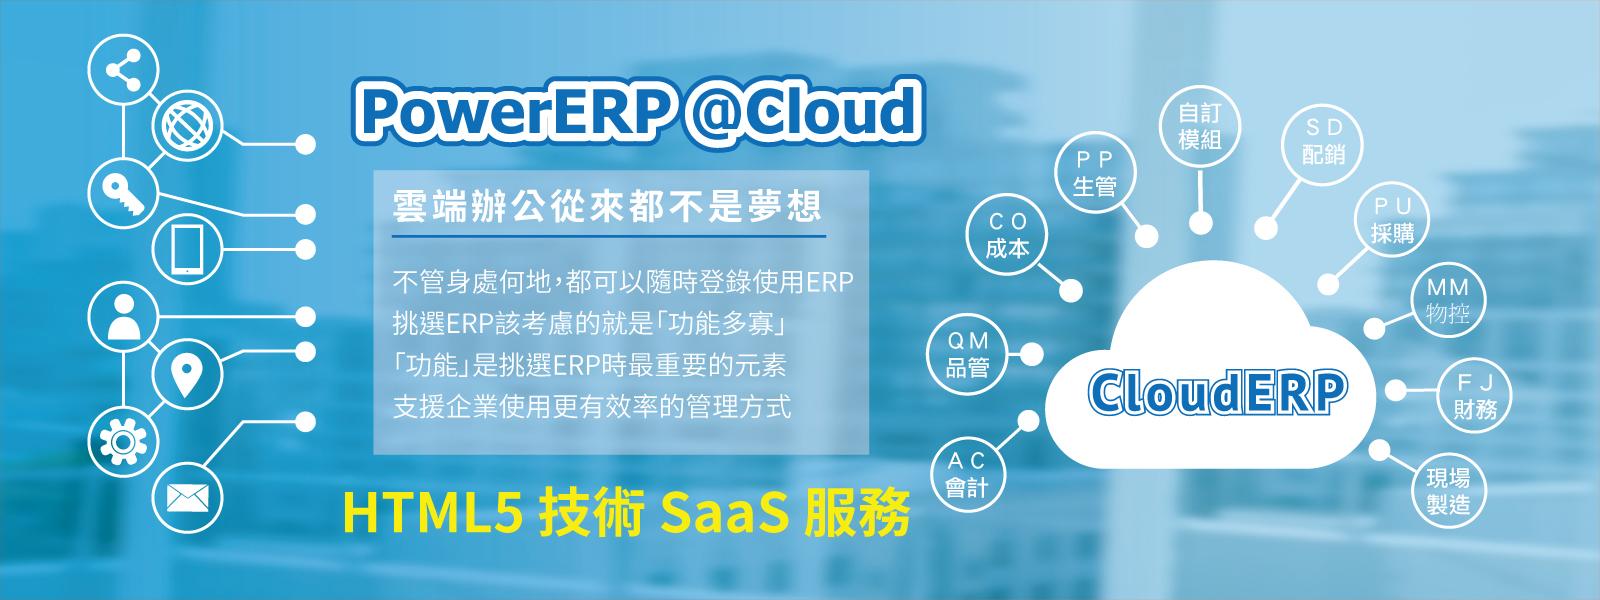 華研科技、華研雲端、雲端辦公、PowerERP、ERP、採購模組、生管模組、物控模組、會計模組、成本模組、品管模組、配銷模組、財務模組